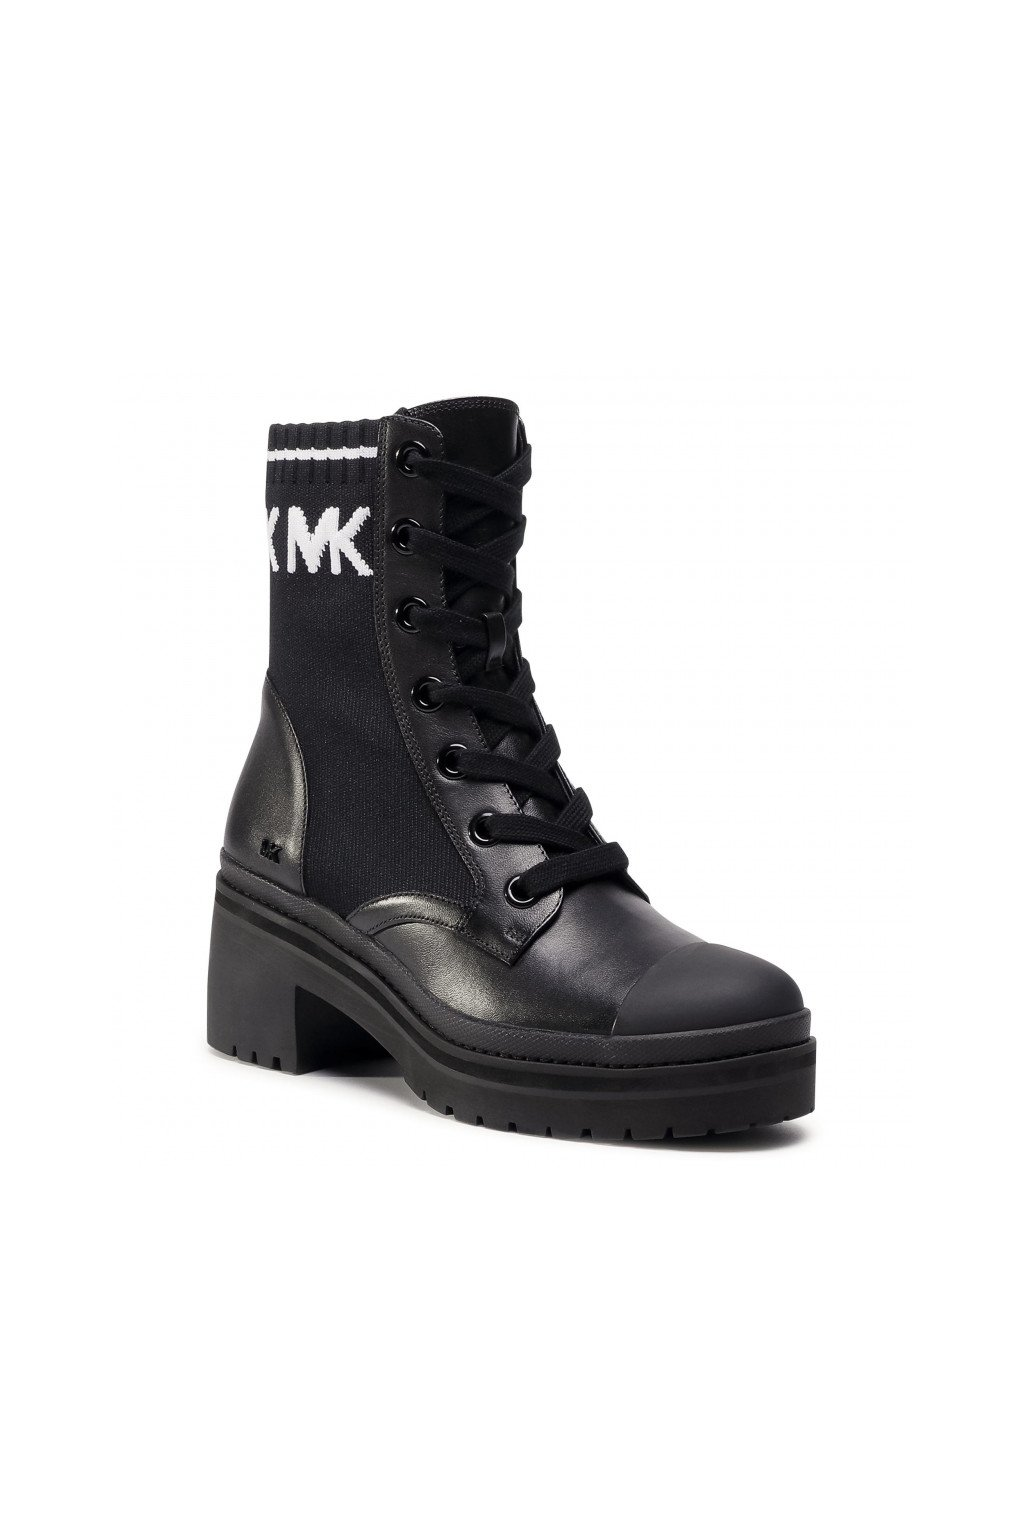 40T0BRME5D Dámské kotníkové kozačky Michael Kors Brea Bootie černé